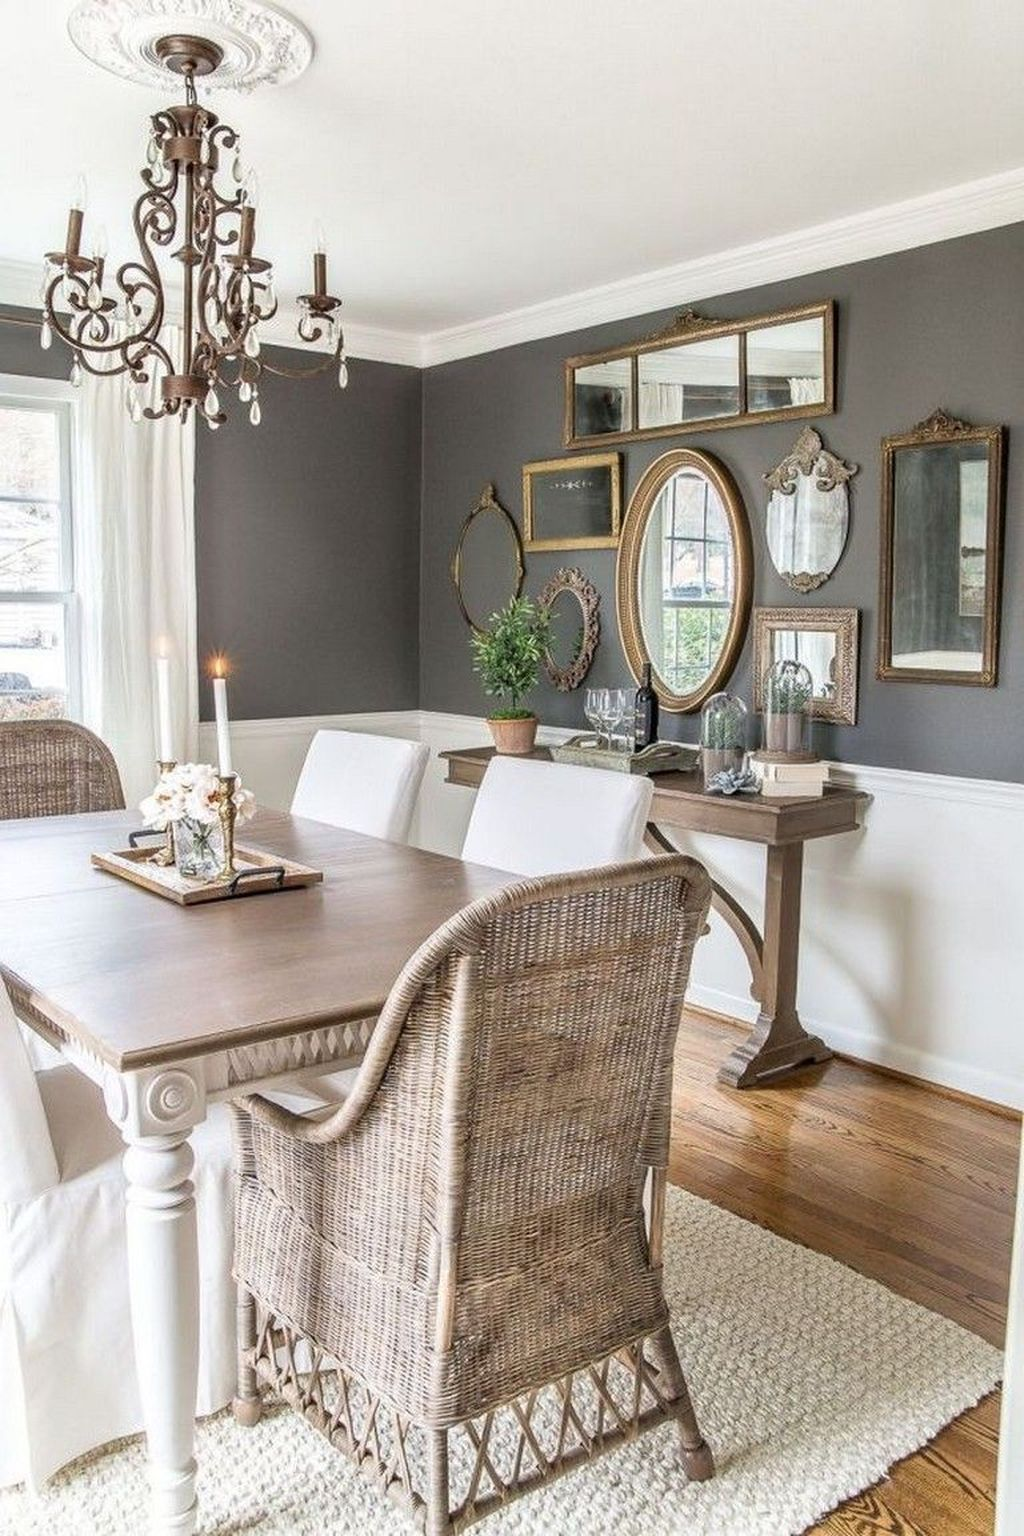 39 Latest Farmhouse Decor Ideas For Dining Room Dining Room